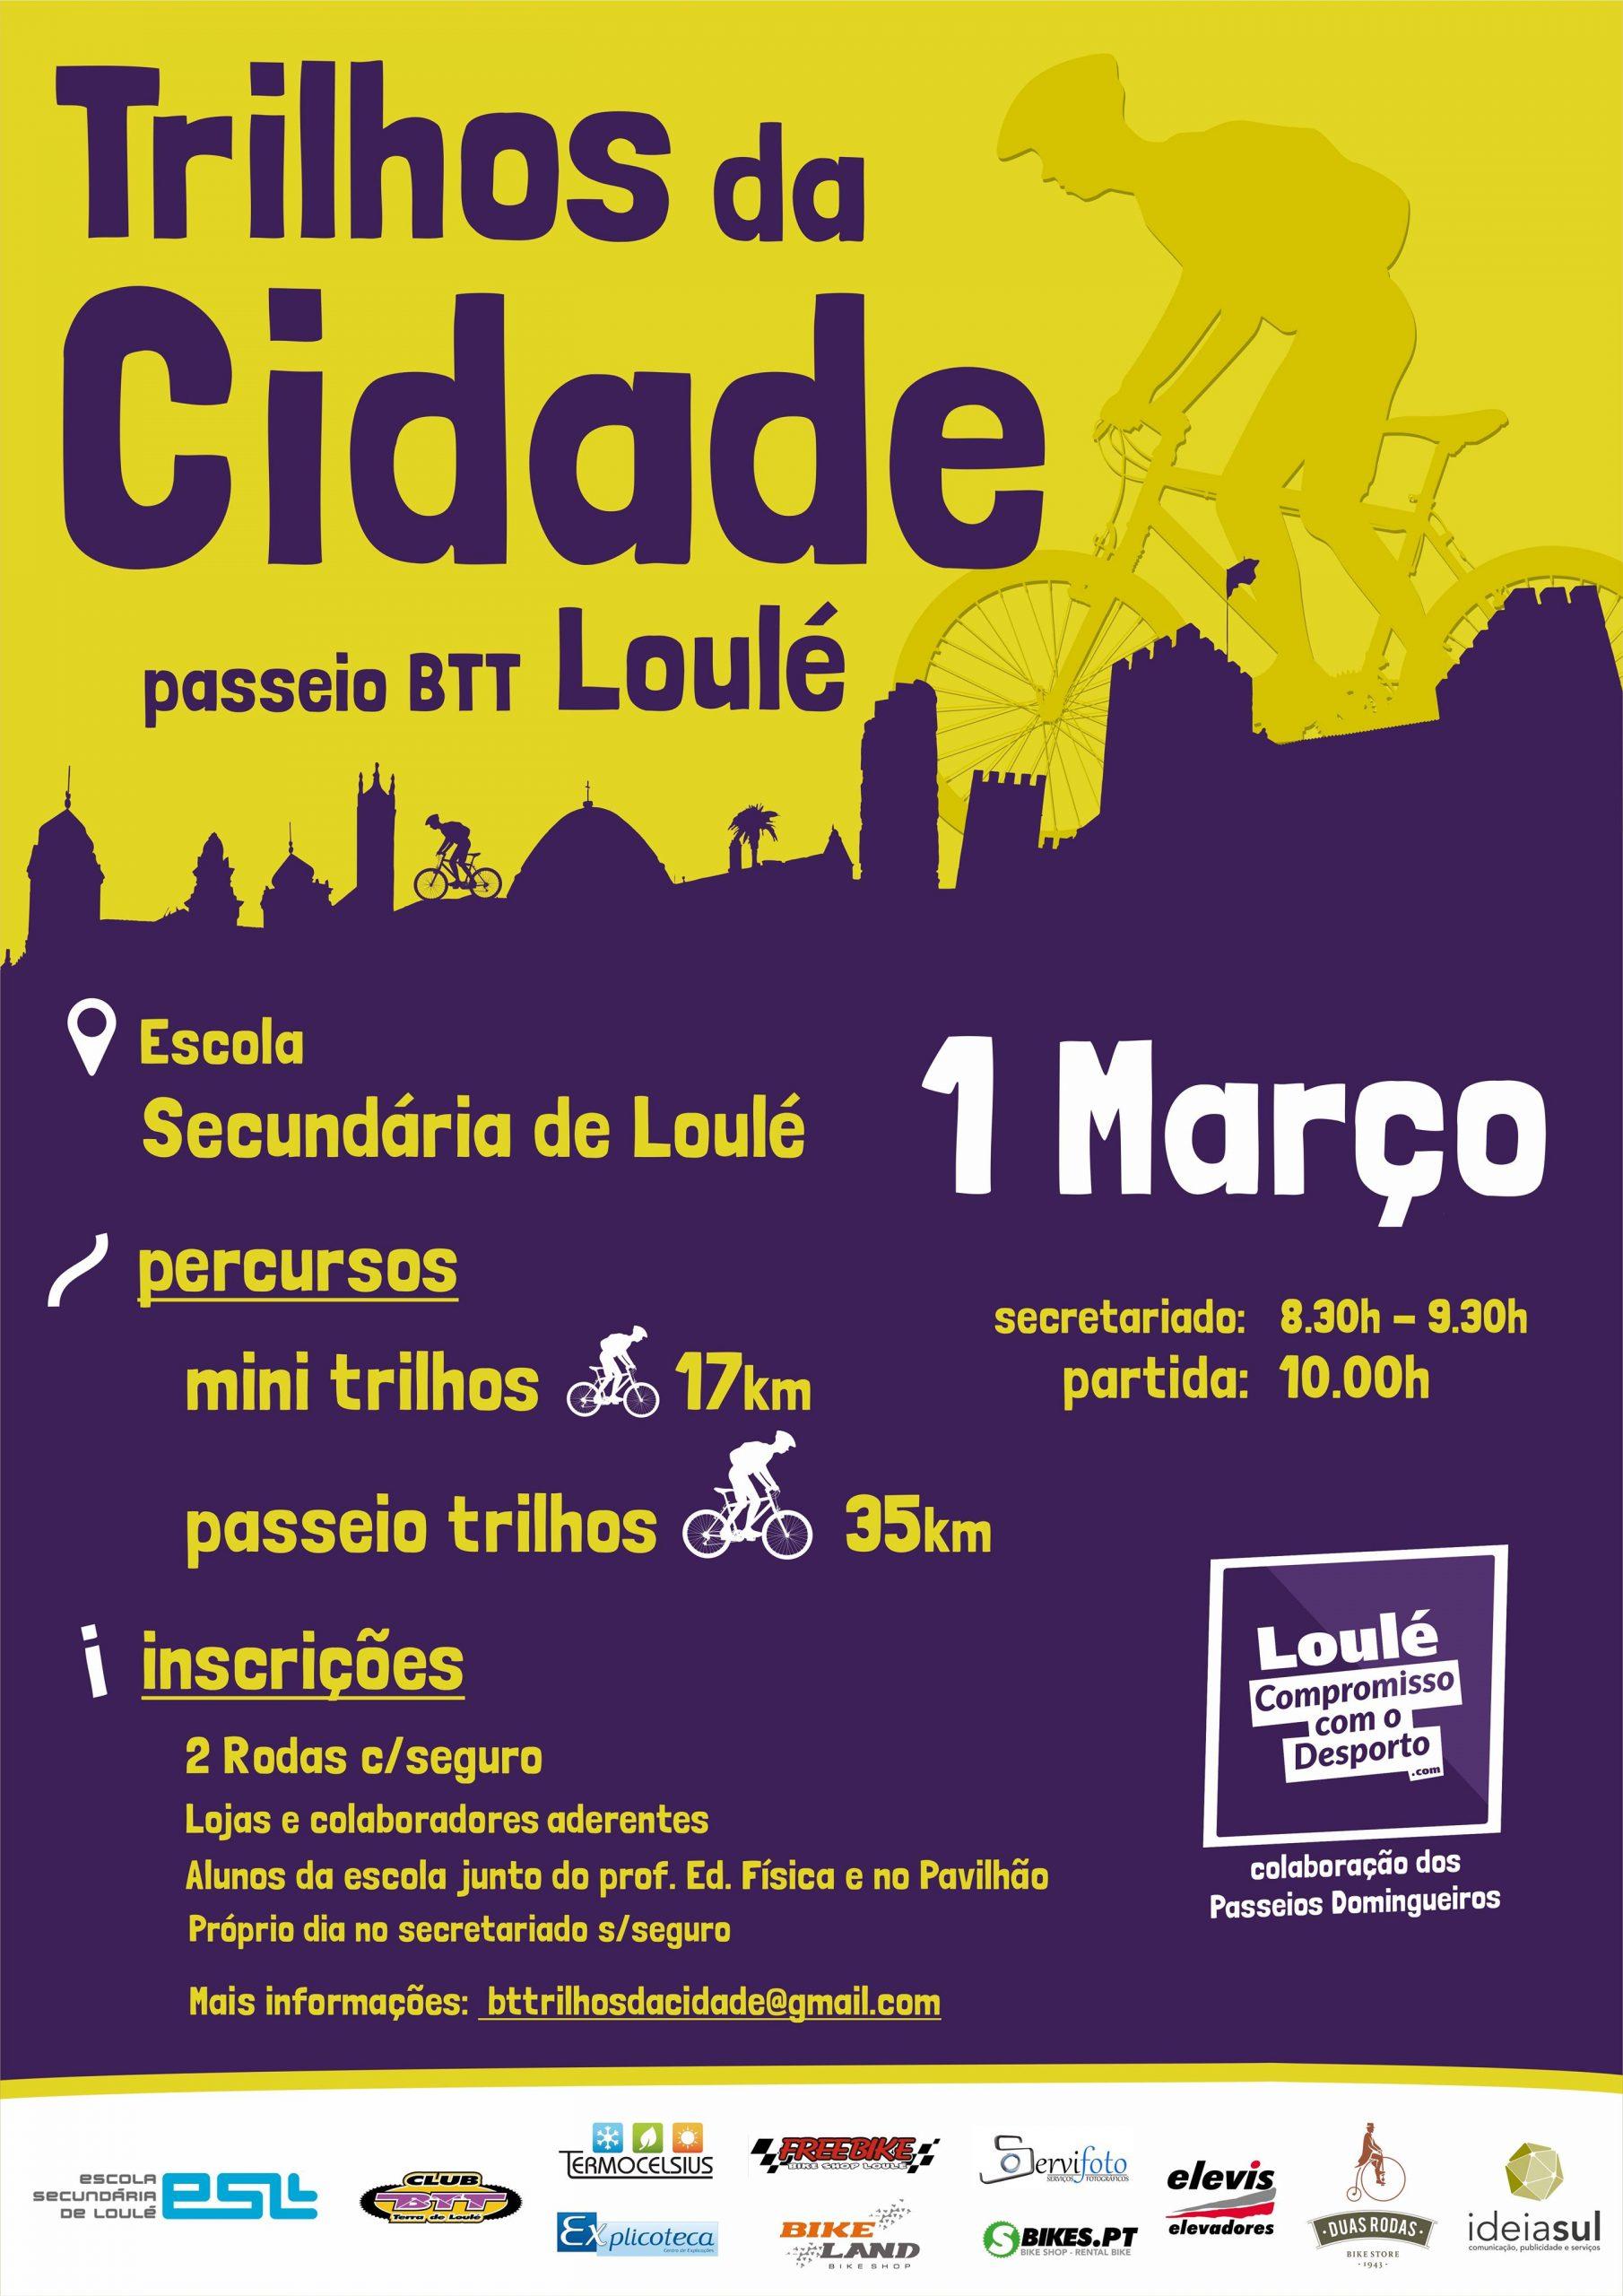 Trilhos da Cidade – Passeio BTT Loulé